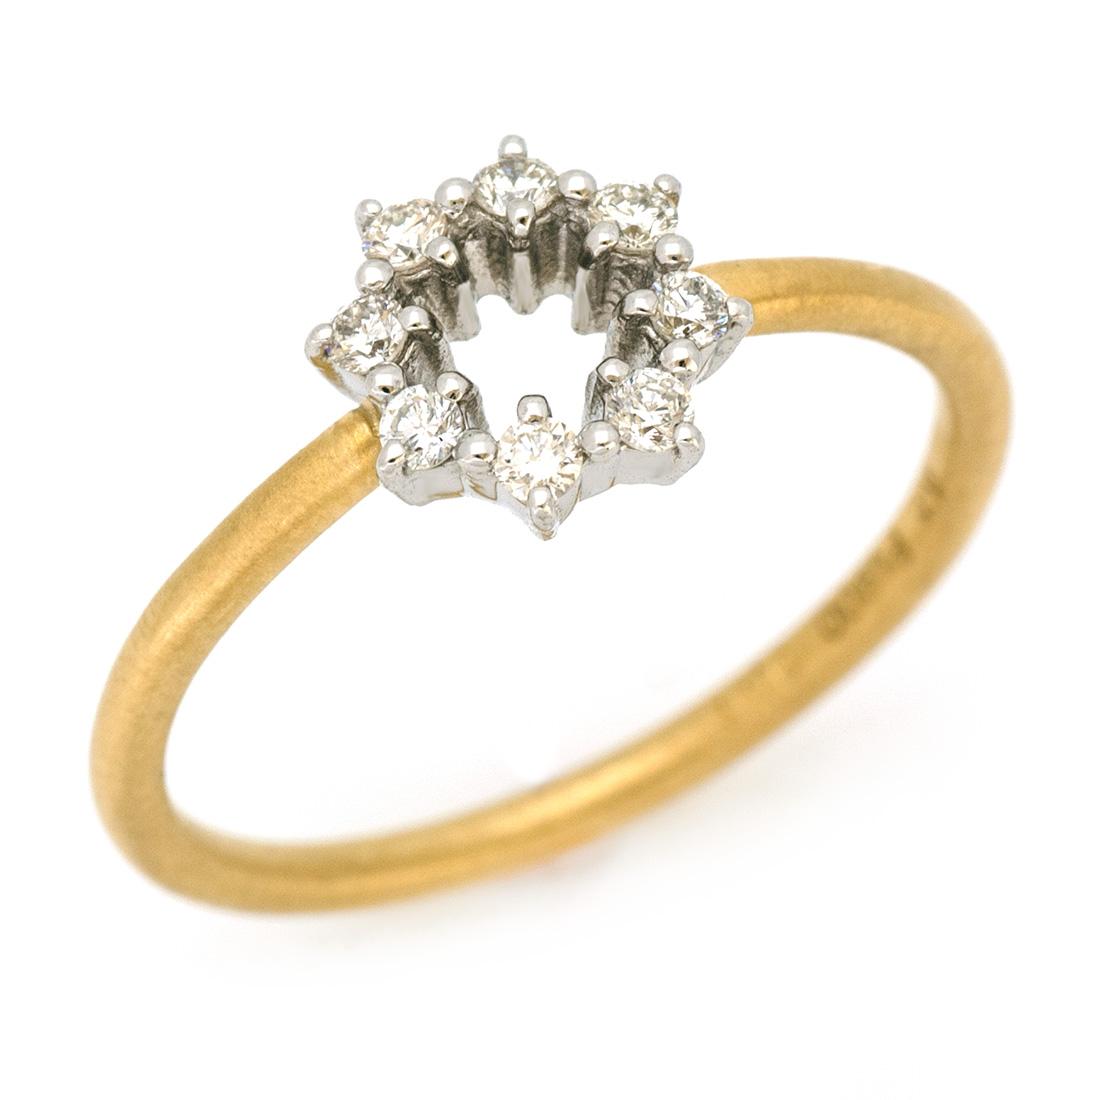 【GWクーポン配布中】リング ダイヤモンド 「Crystal」 プラチナ900 ゴールド K18 コンビネーション 送料無料